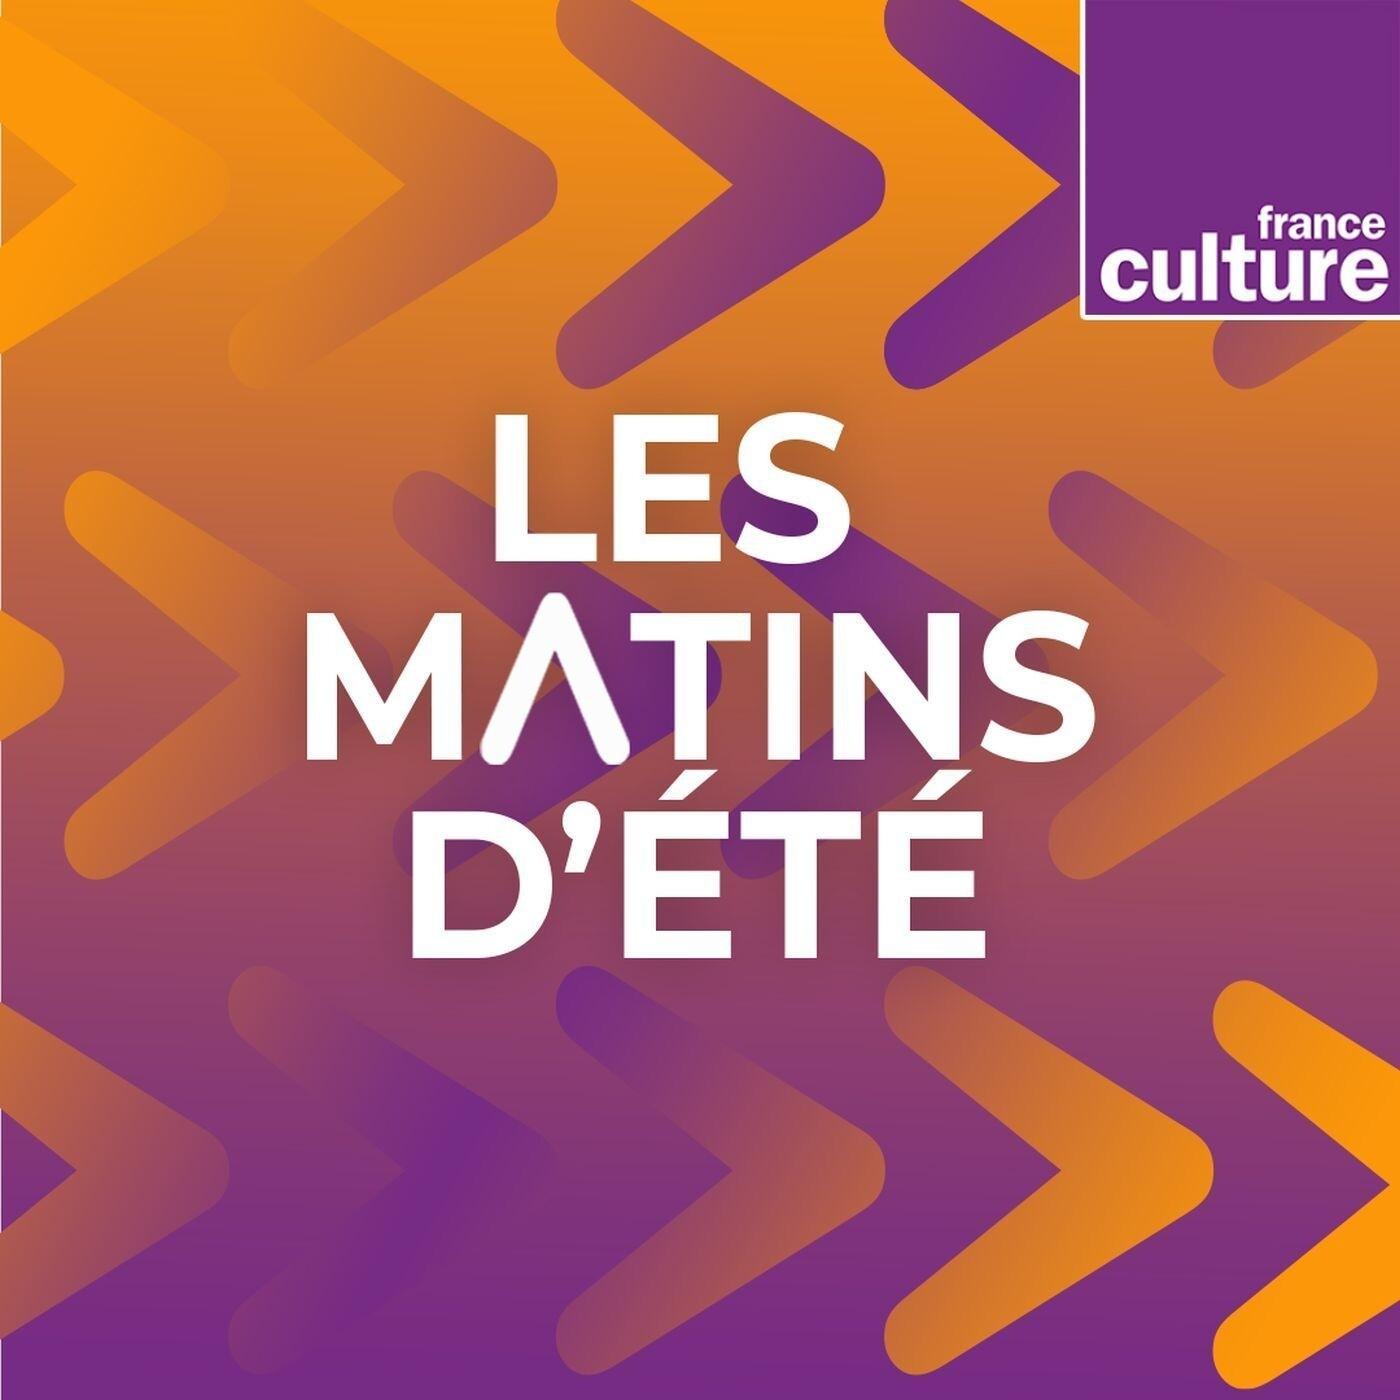 LES MATINS D'ETE, émission du mercredi 10 juillet 2019